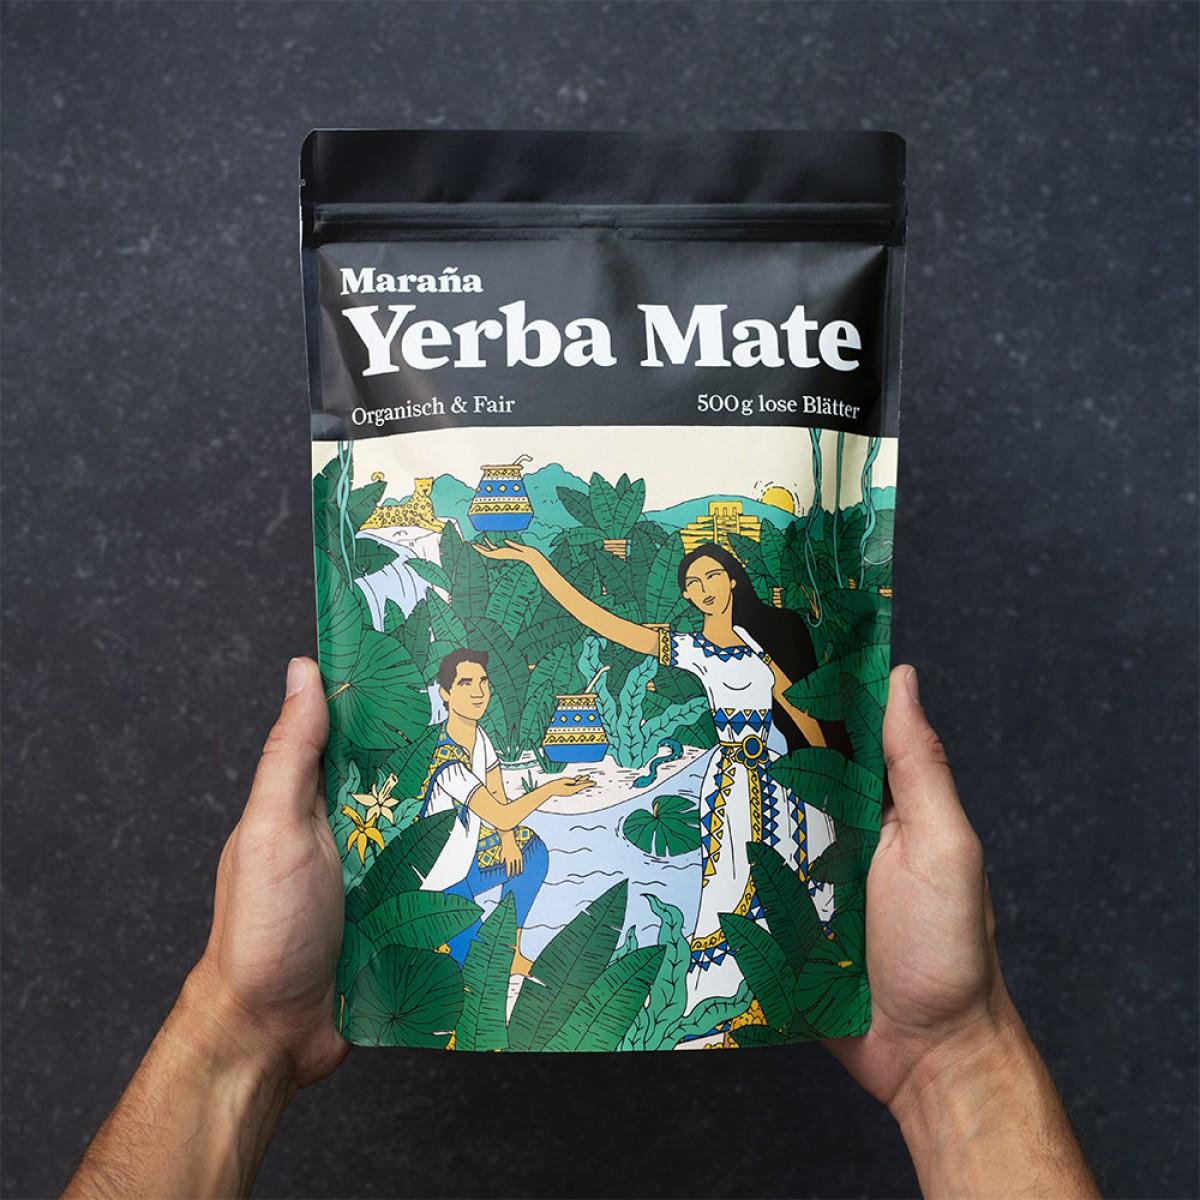 Maraña Yerba Mate Tee Grün ● Natürlicher Wachmacher und Energy Booster mit Koffein ● 500g lose Blätter ● Organisch & Fair